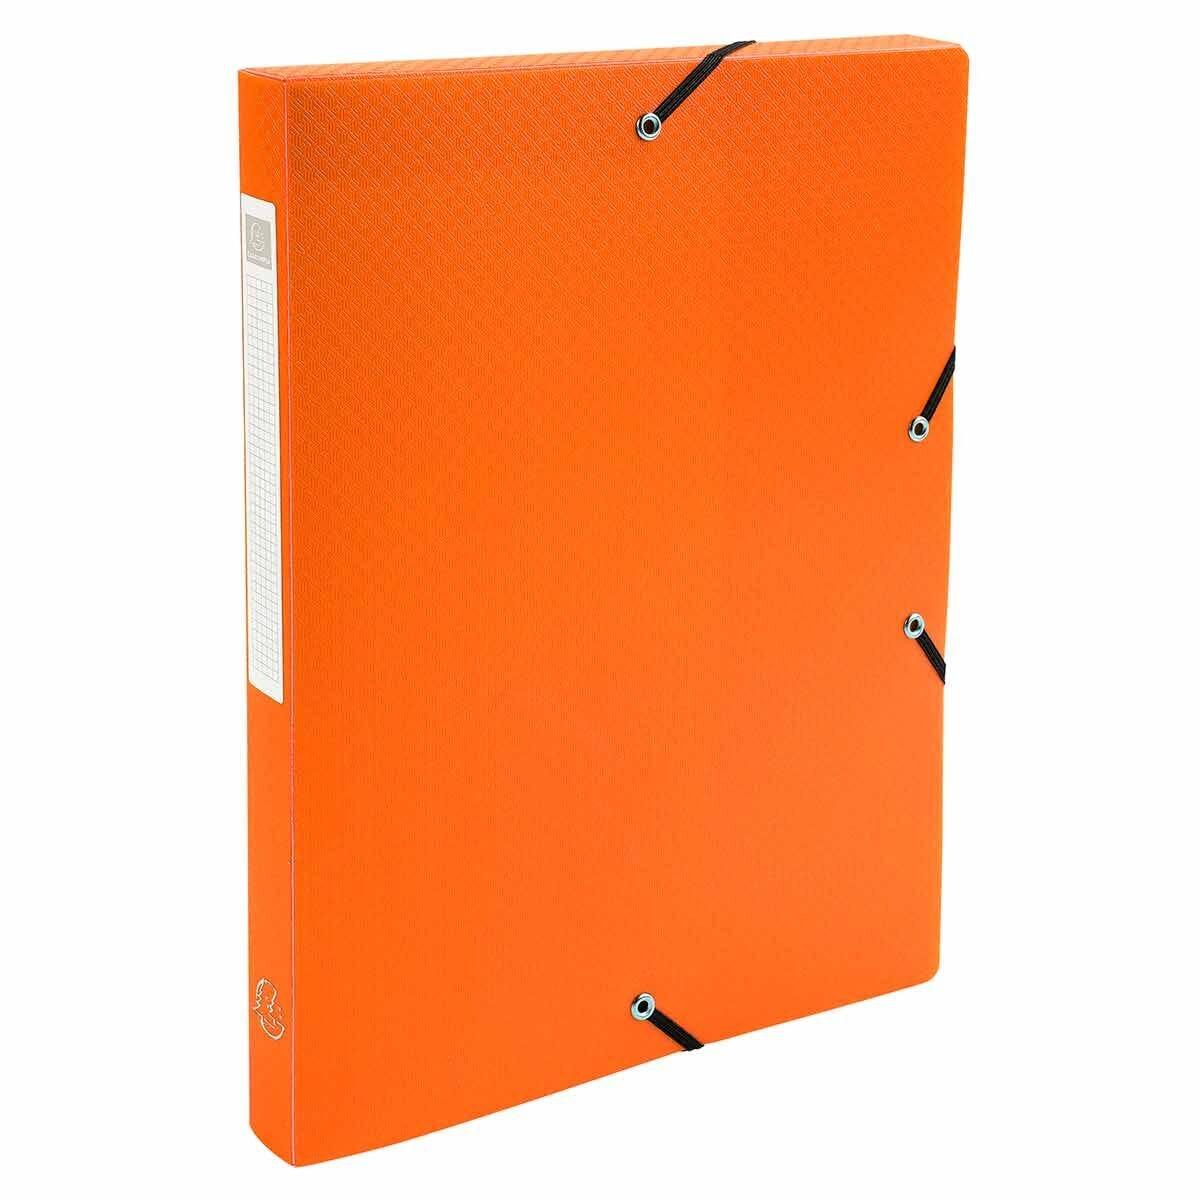 Exacompta Elasticated Polypropylene Box File A4 25mm Pack of 8 Orange